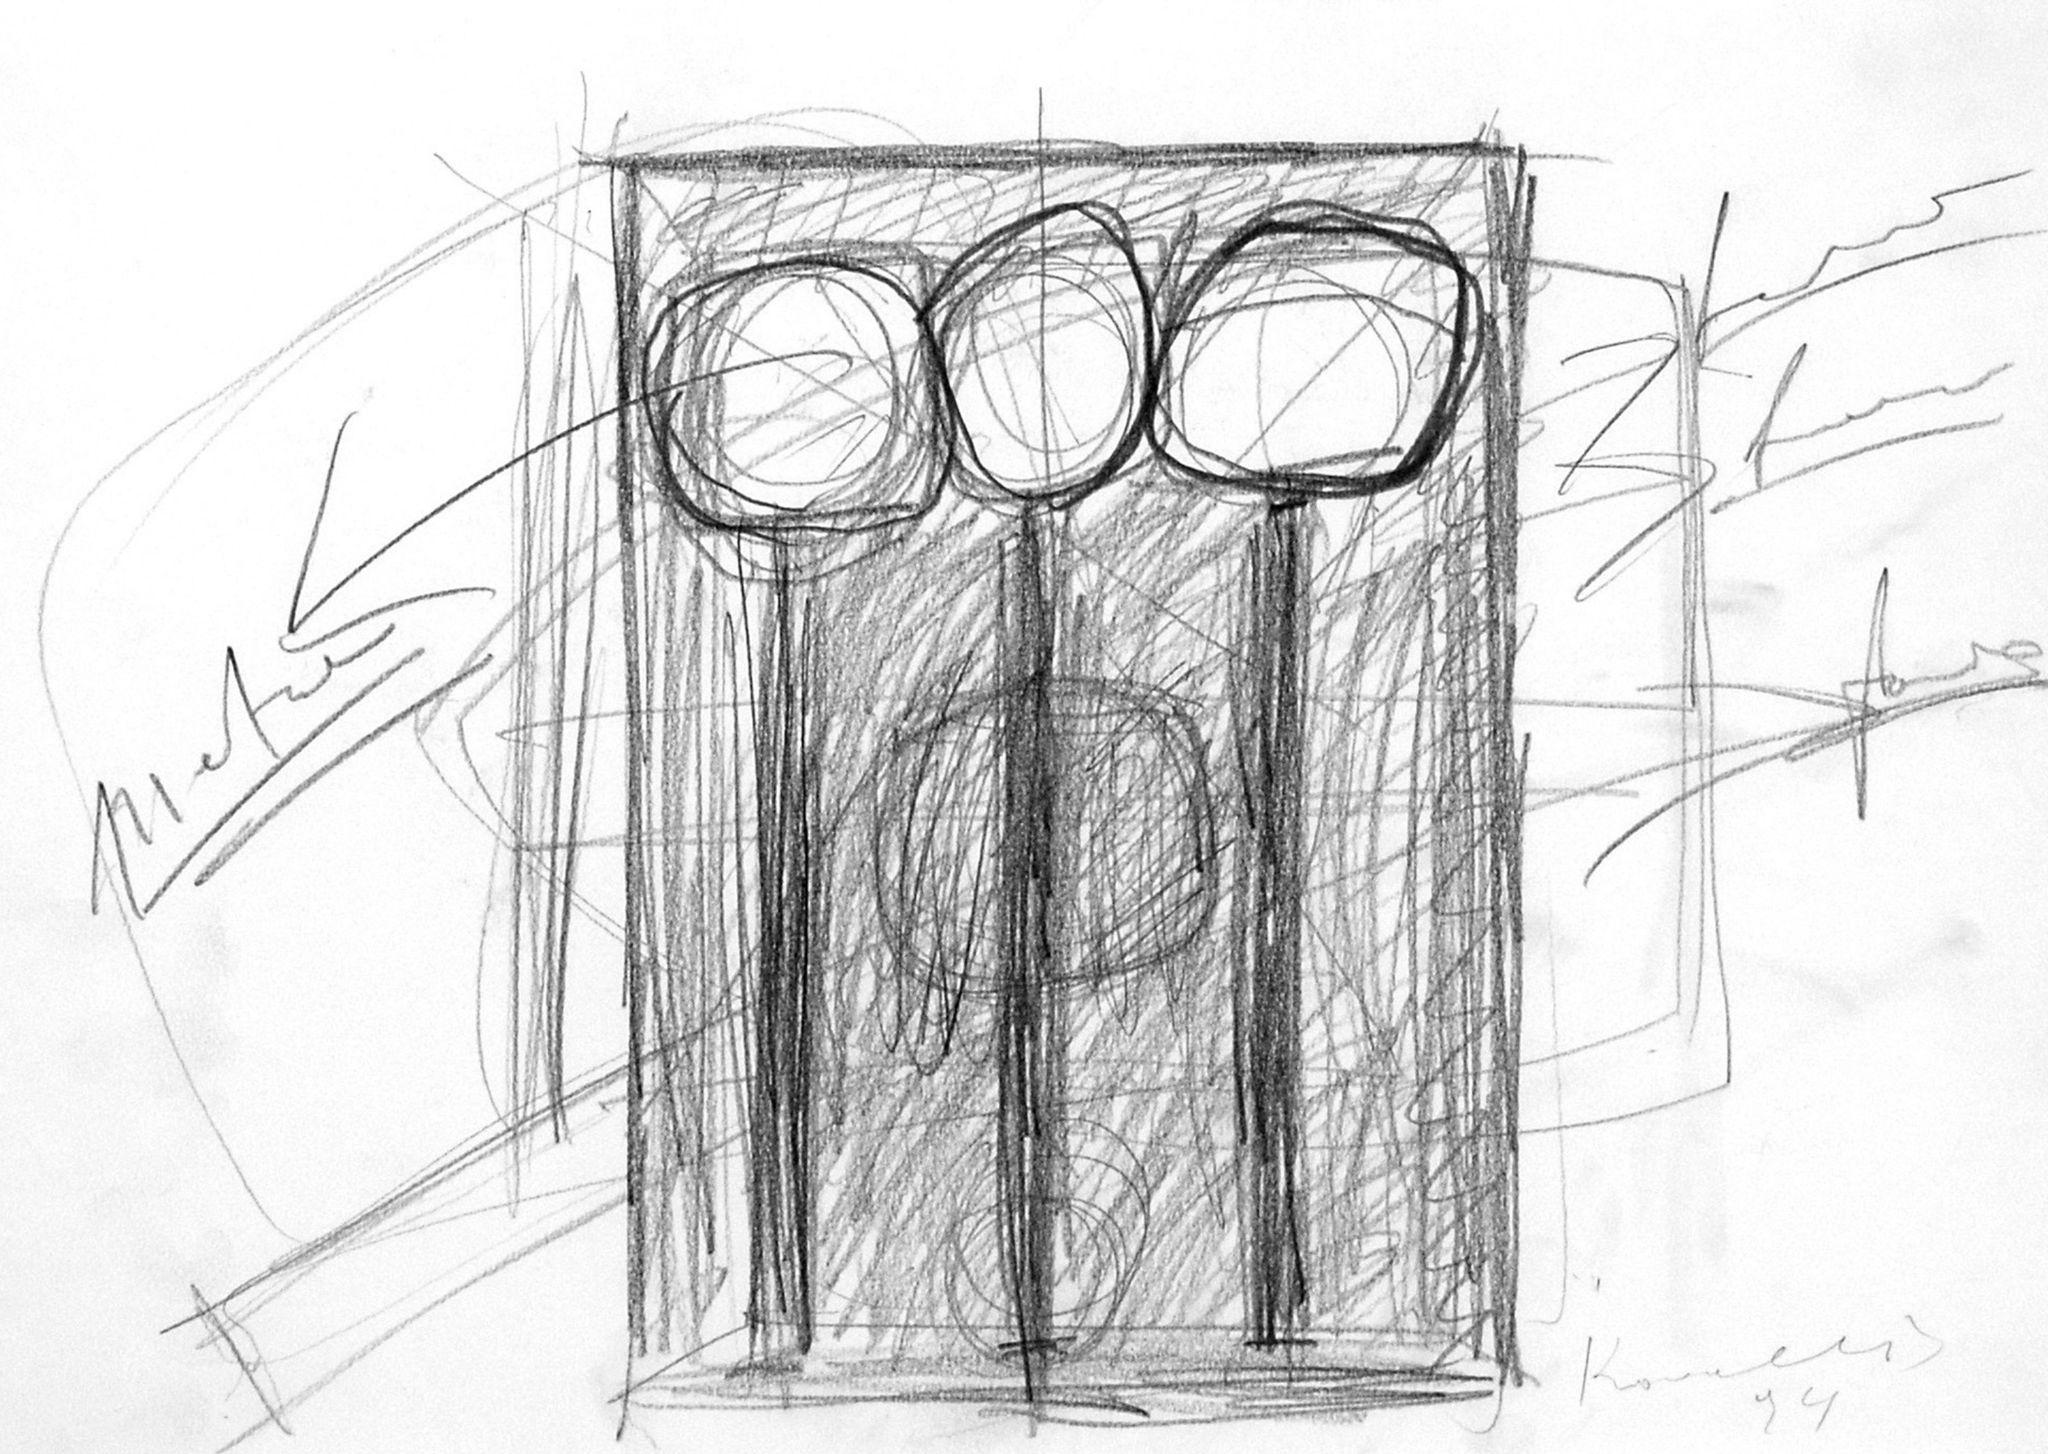 Jannis kounellis untitled art collection online for sale